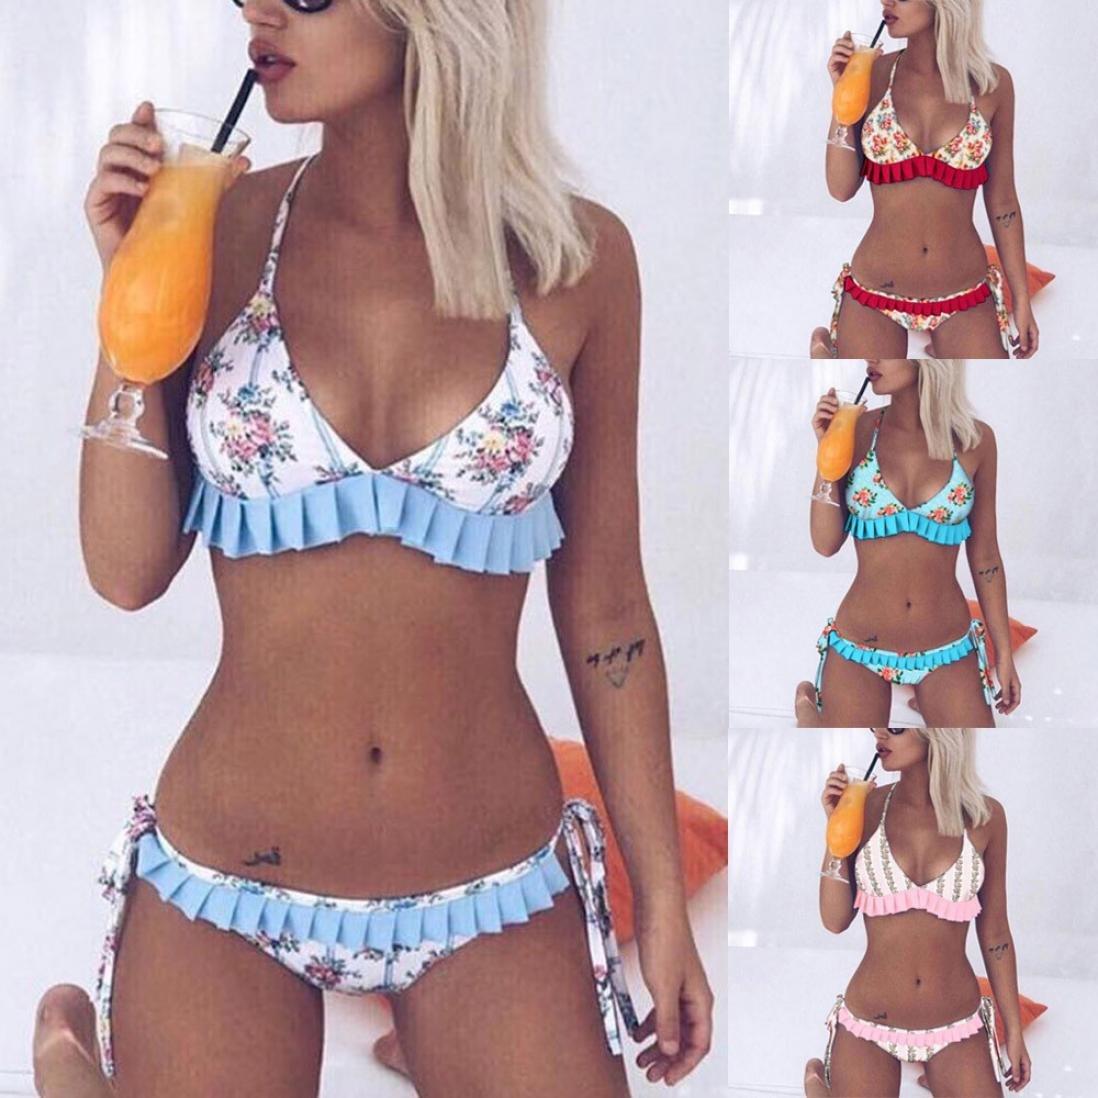 Longra❤Bikini con volantes florales coloridos, verano traje de baño acolchado push-up popular bañador ropa de playa vestidos mujer: Amazon.es: Alimentación ...